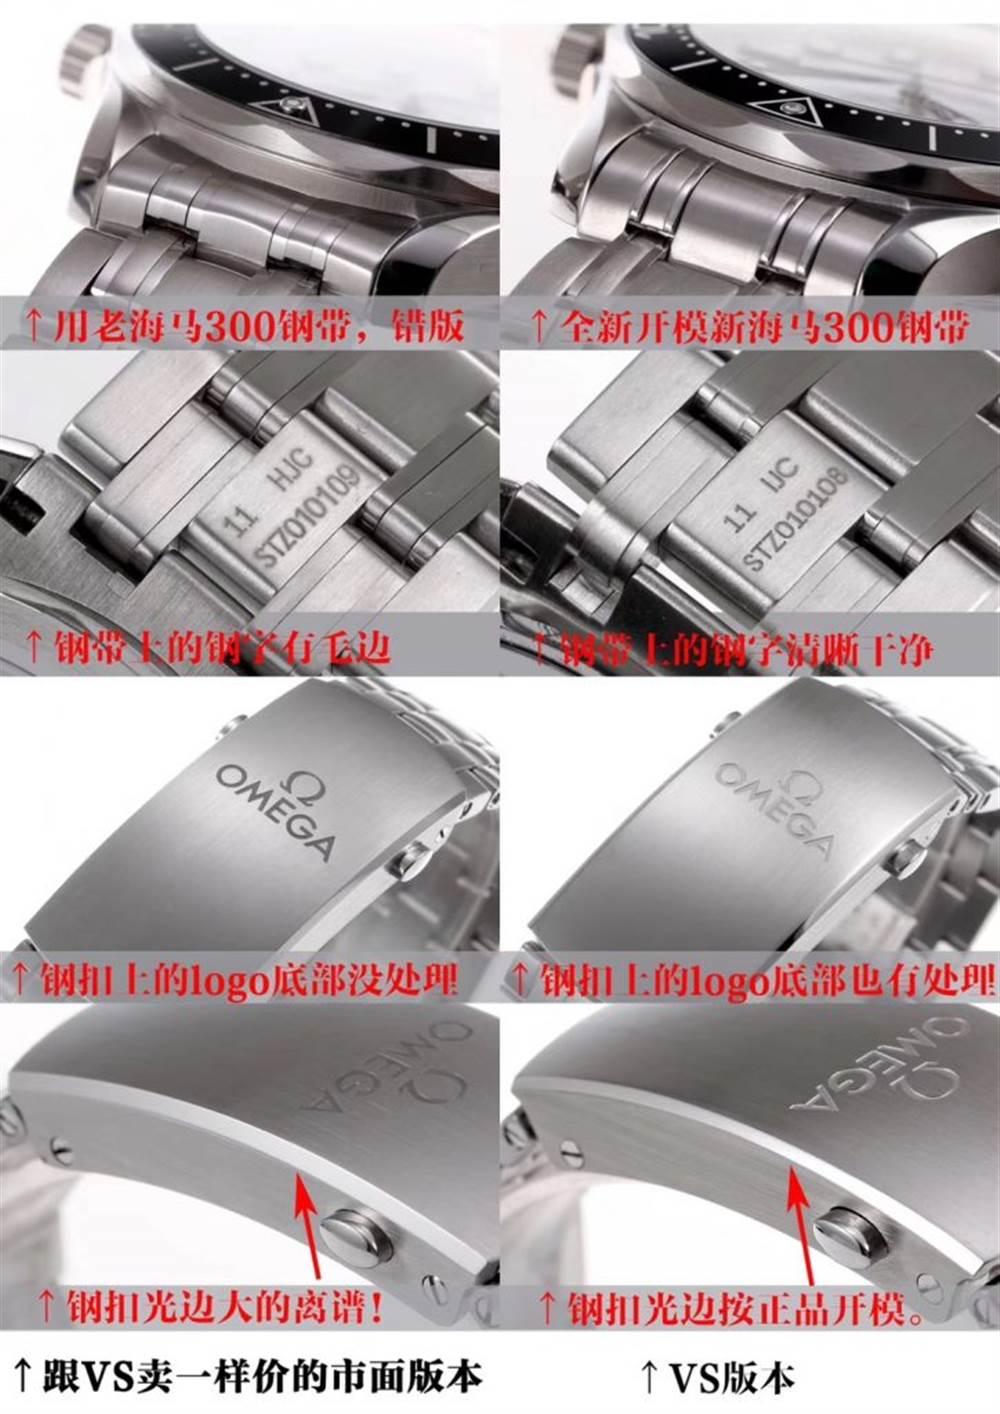 VS厂欧米茄海马300米系列熊猫盘升级版图片分解